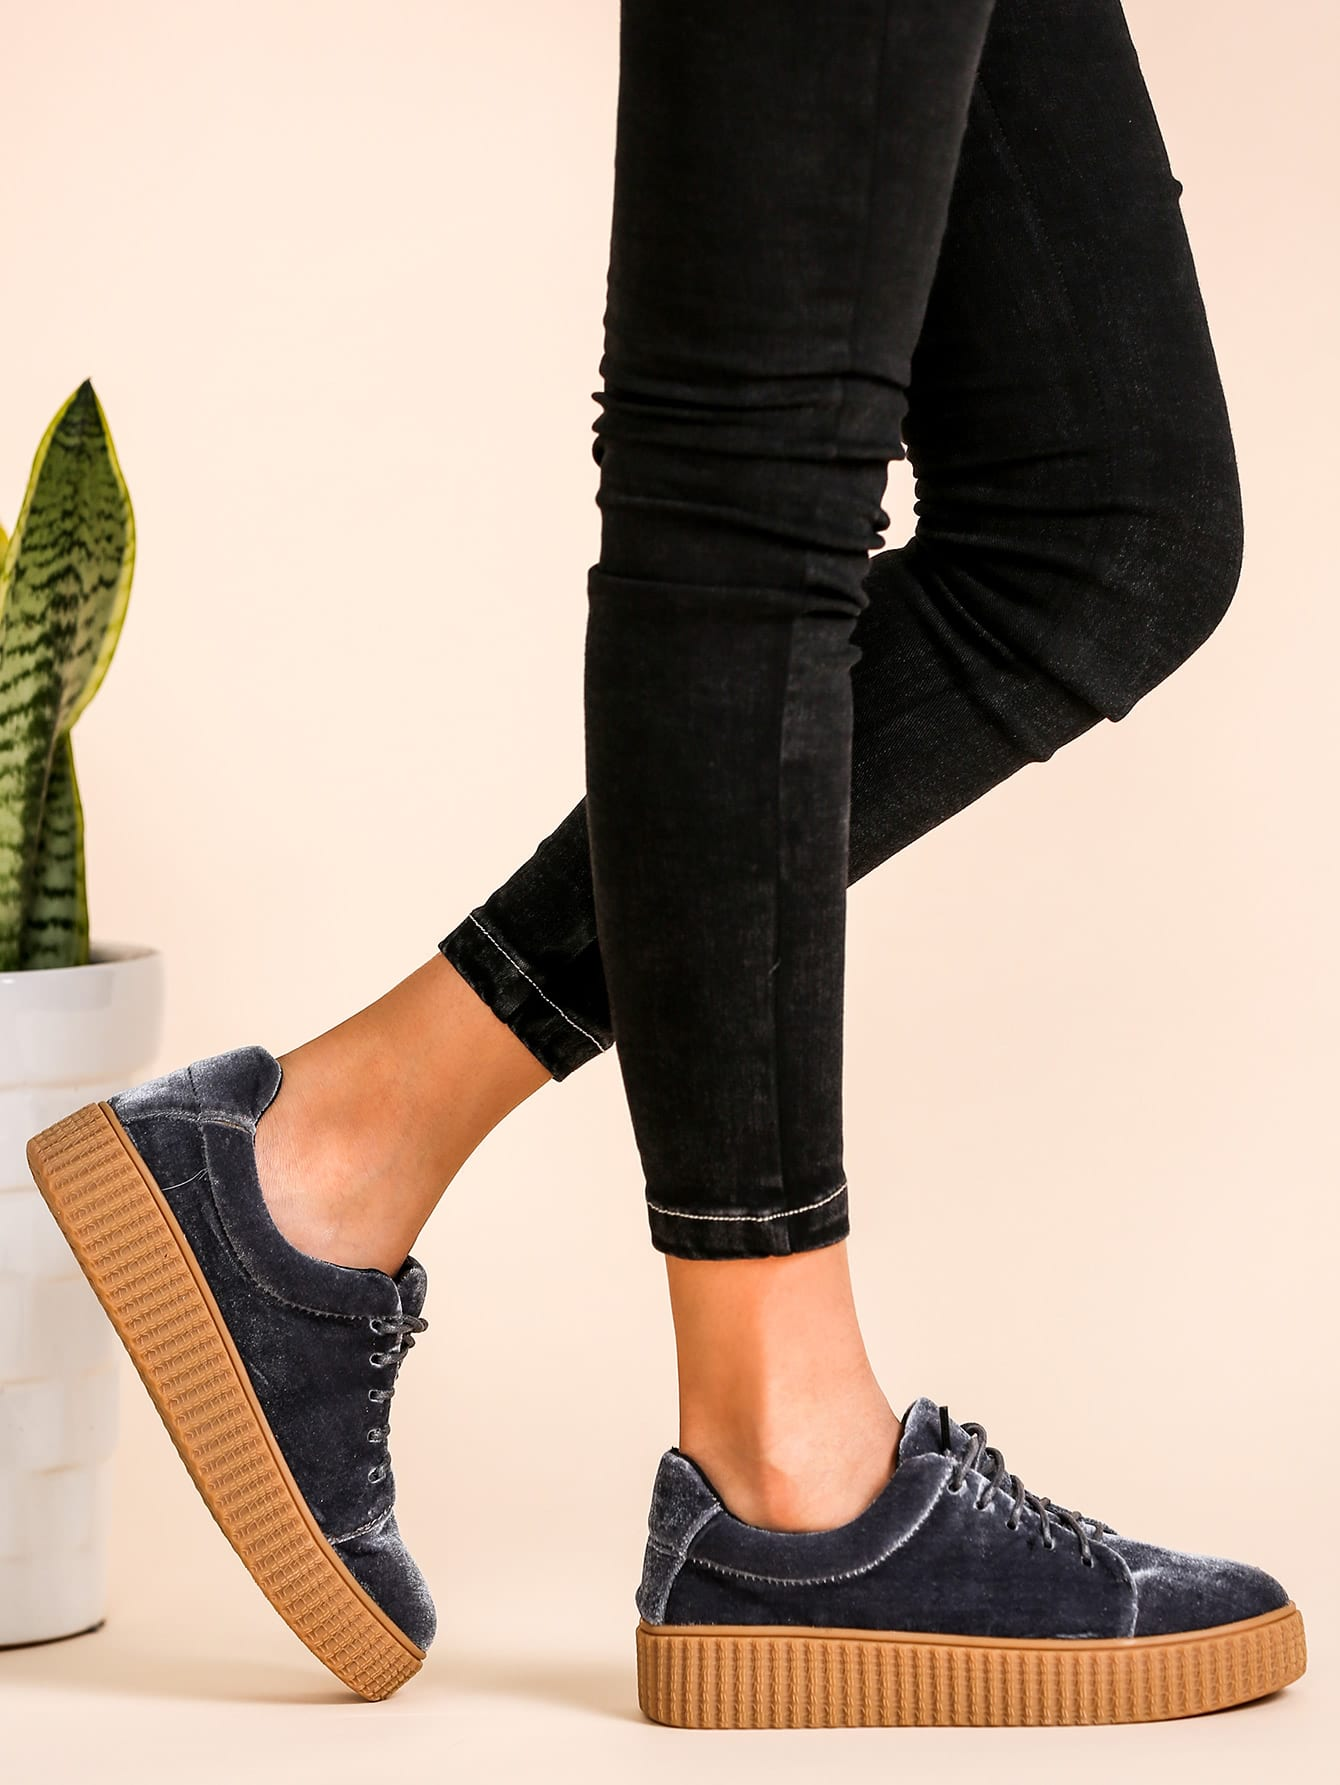 shoes161006811_2